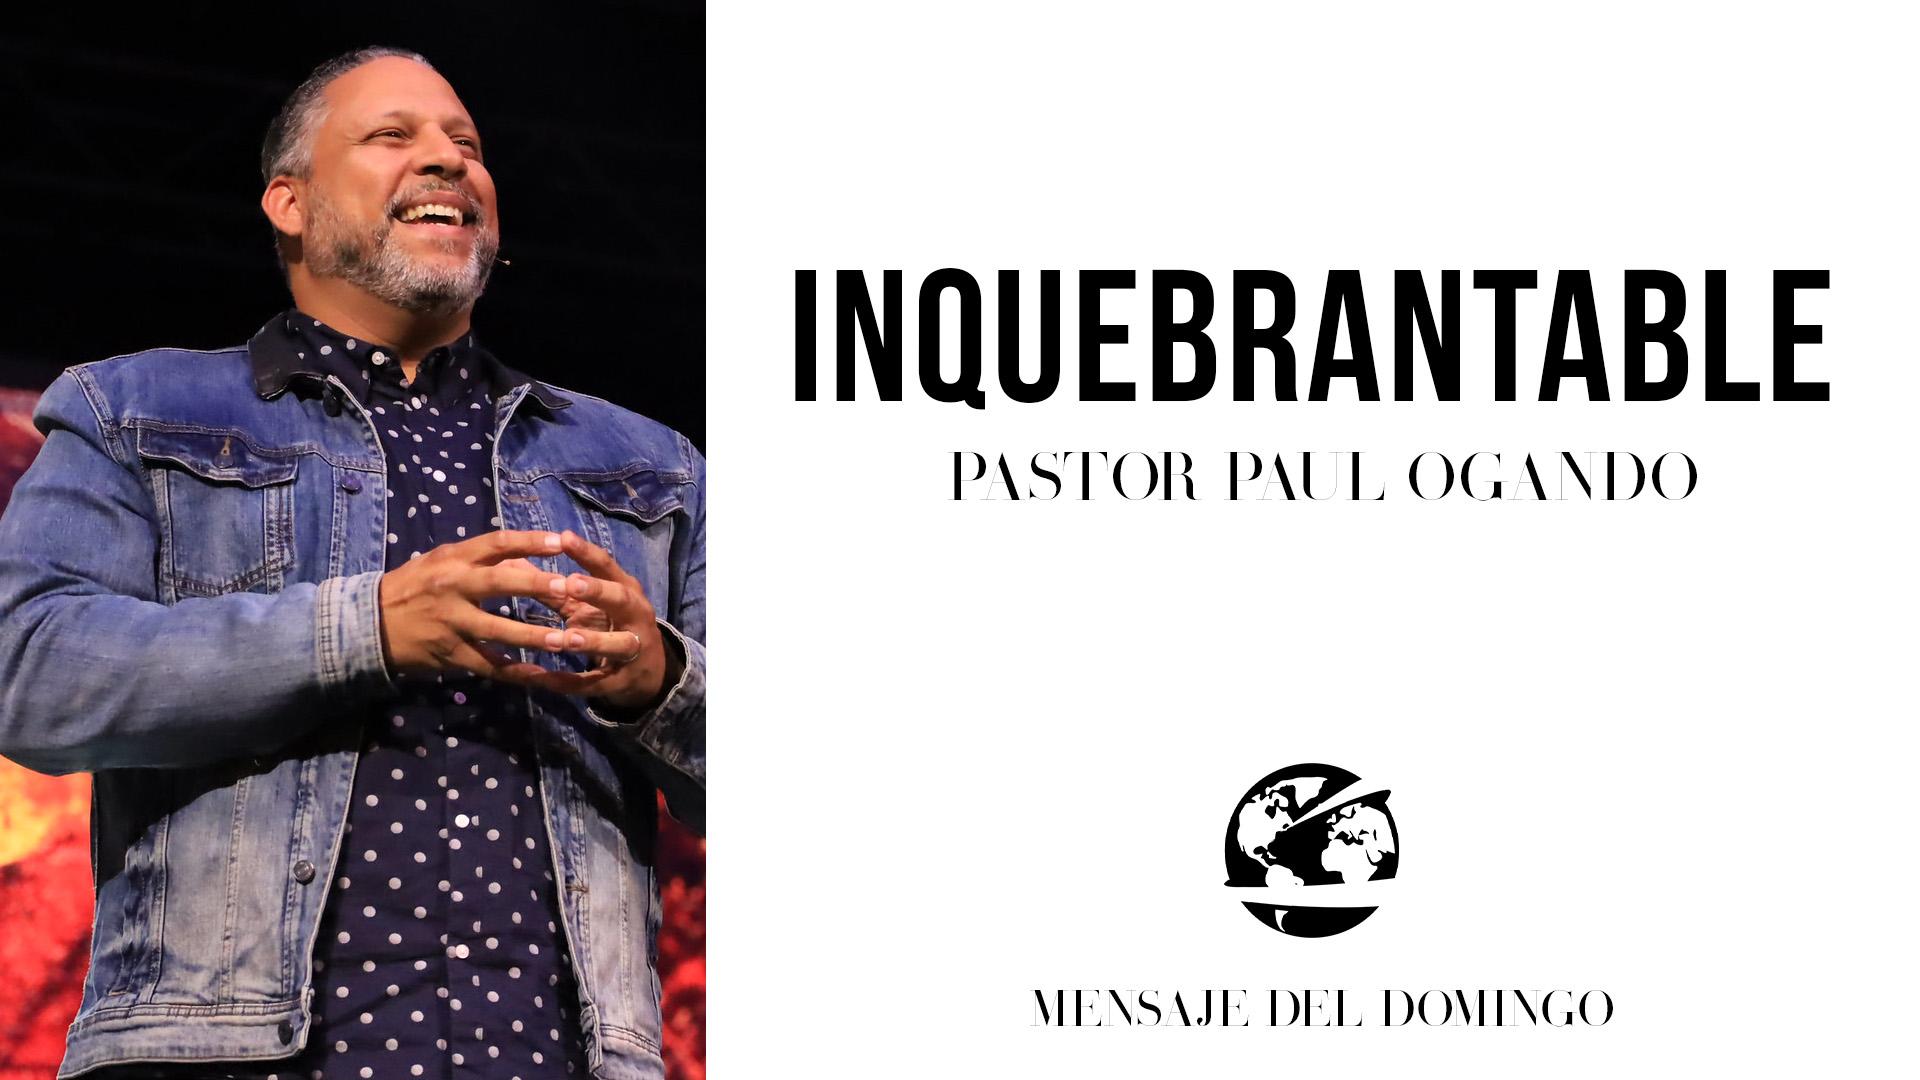 Watch Inquebrantable